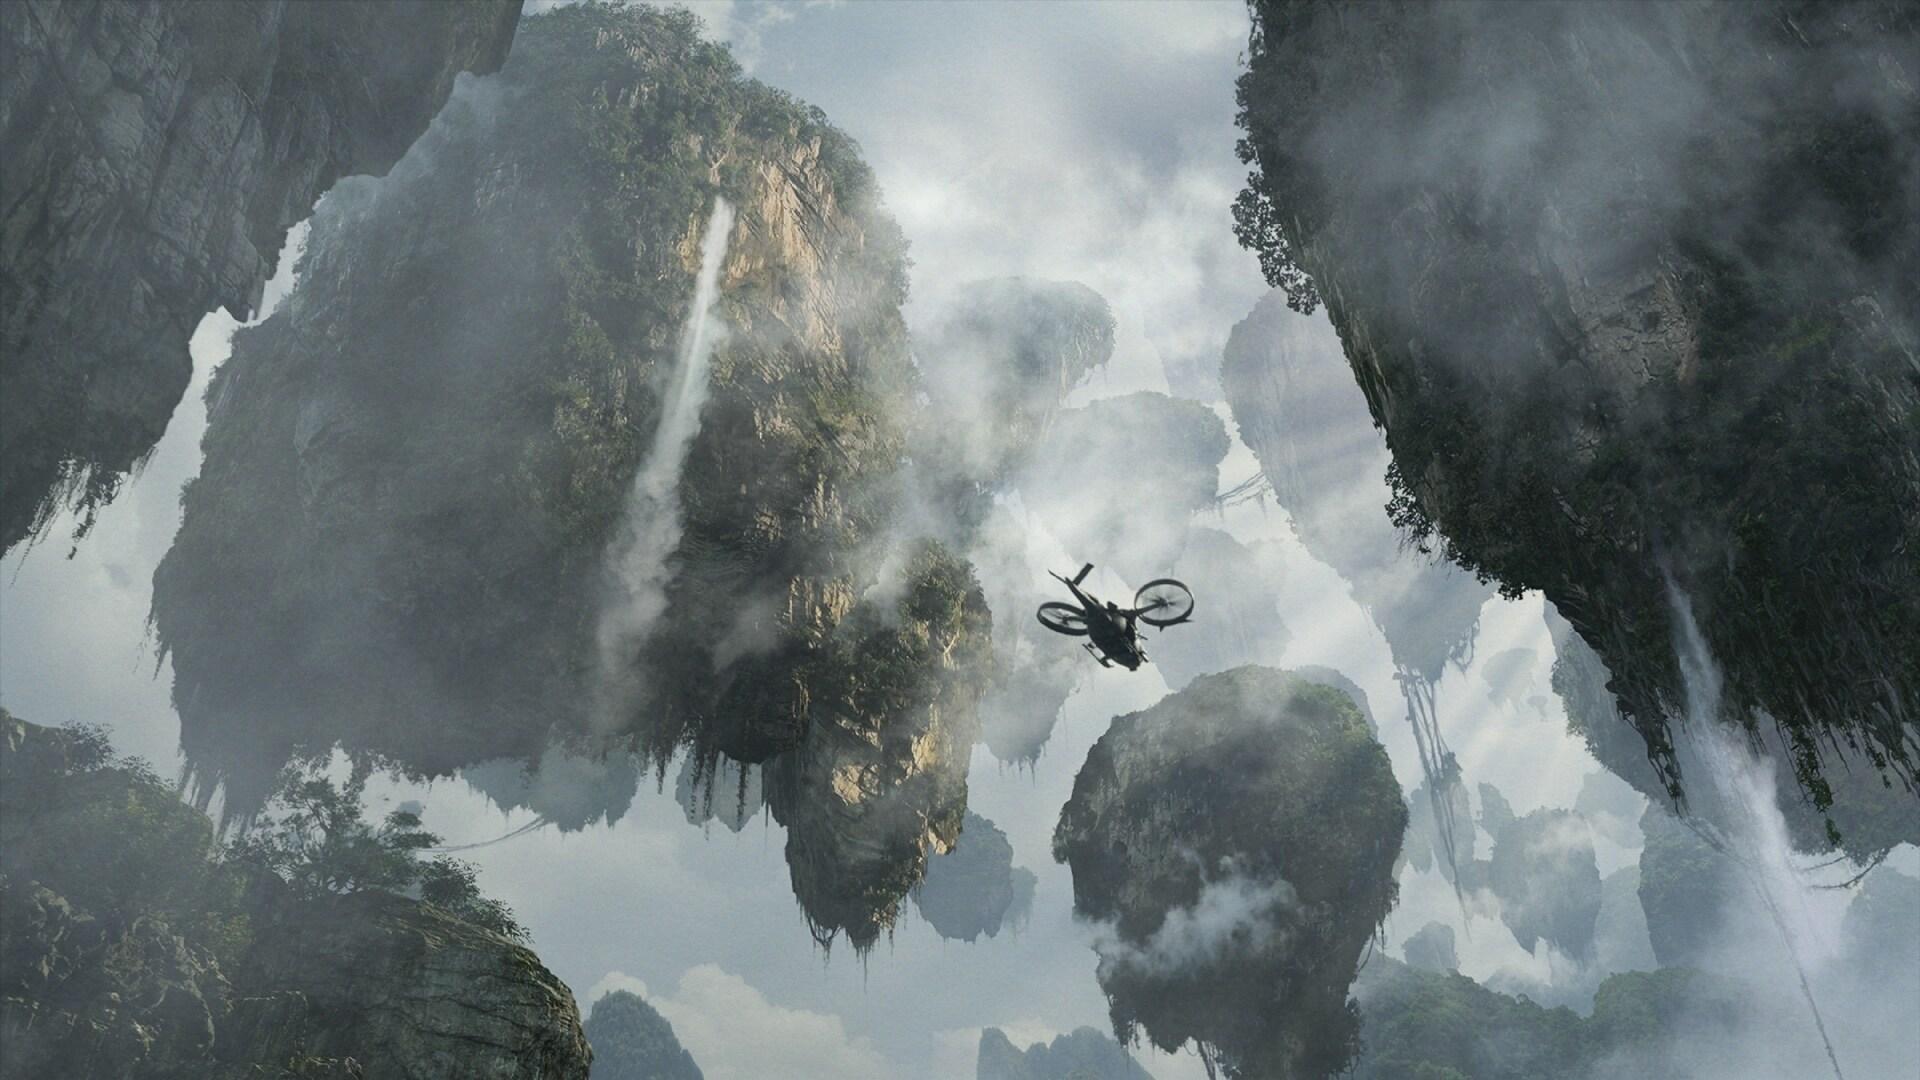 Seen from below, a Samson aircraft flies between the Hallelujah Mountains.